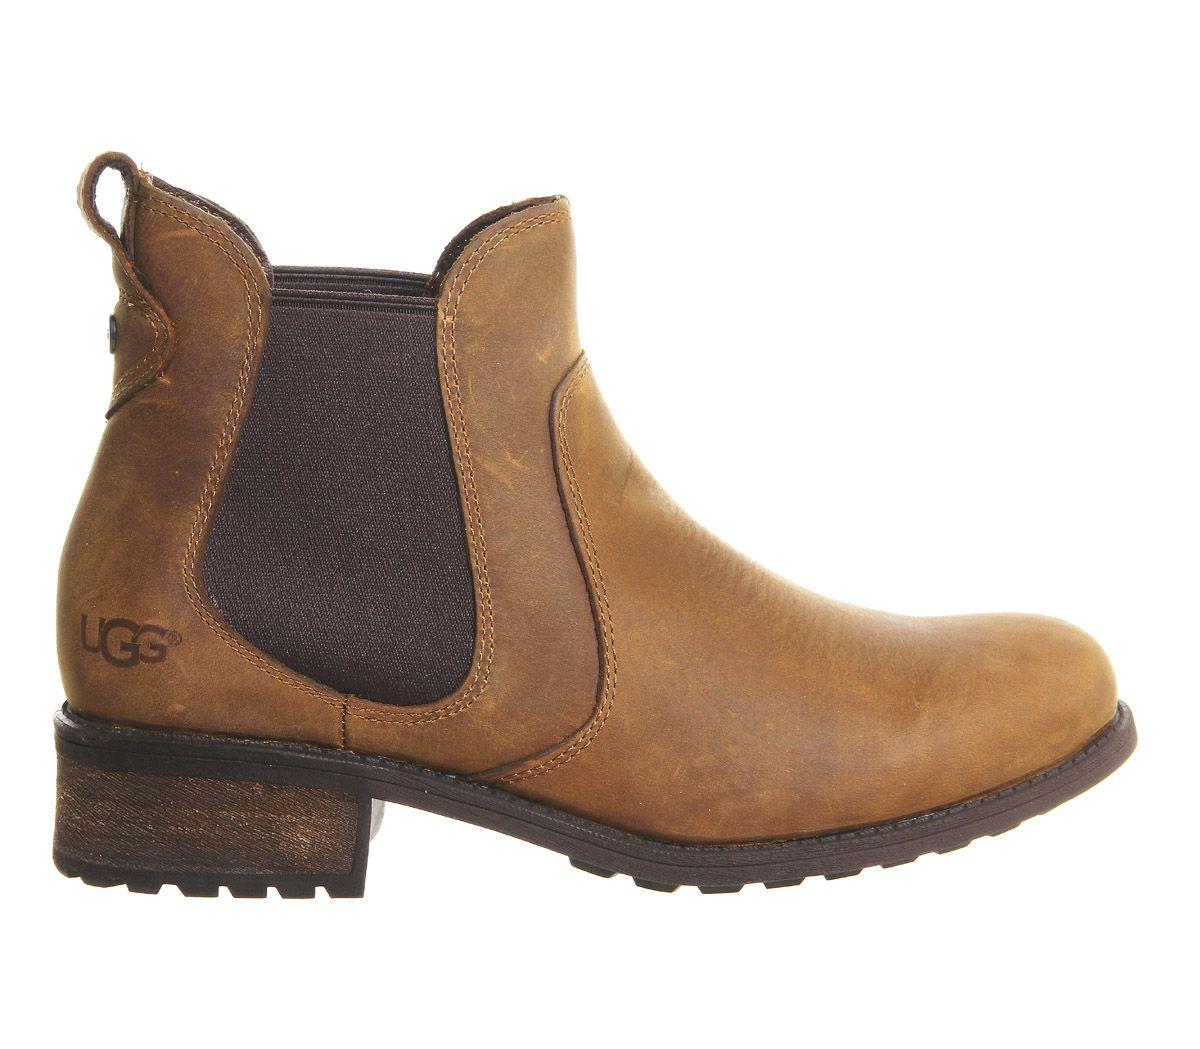 Chestnut Leather Ugg Australia Bonham Chelsea Boots From Office Co Uk